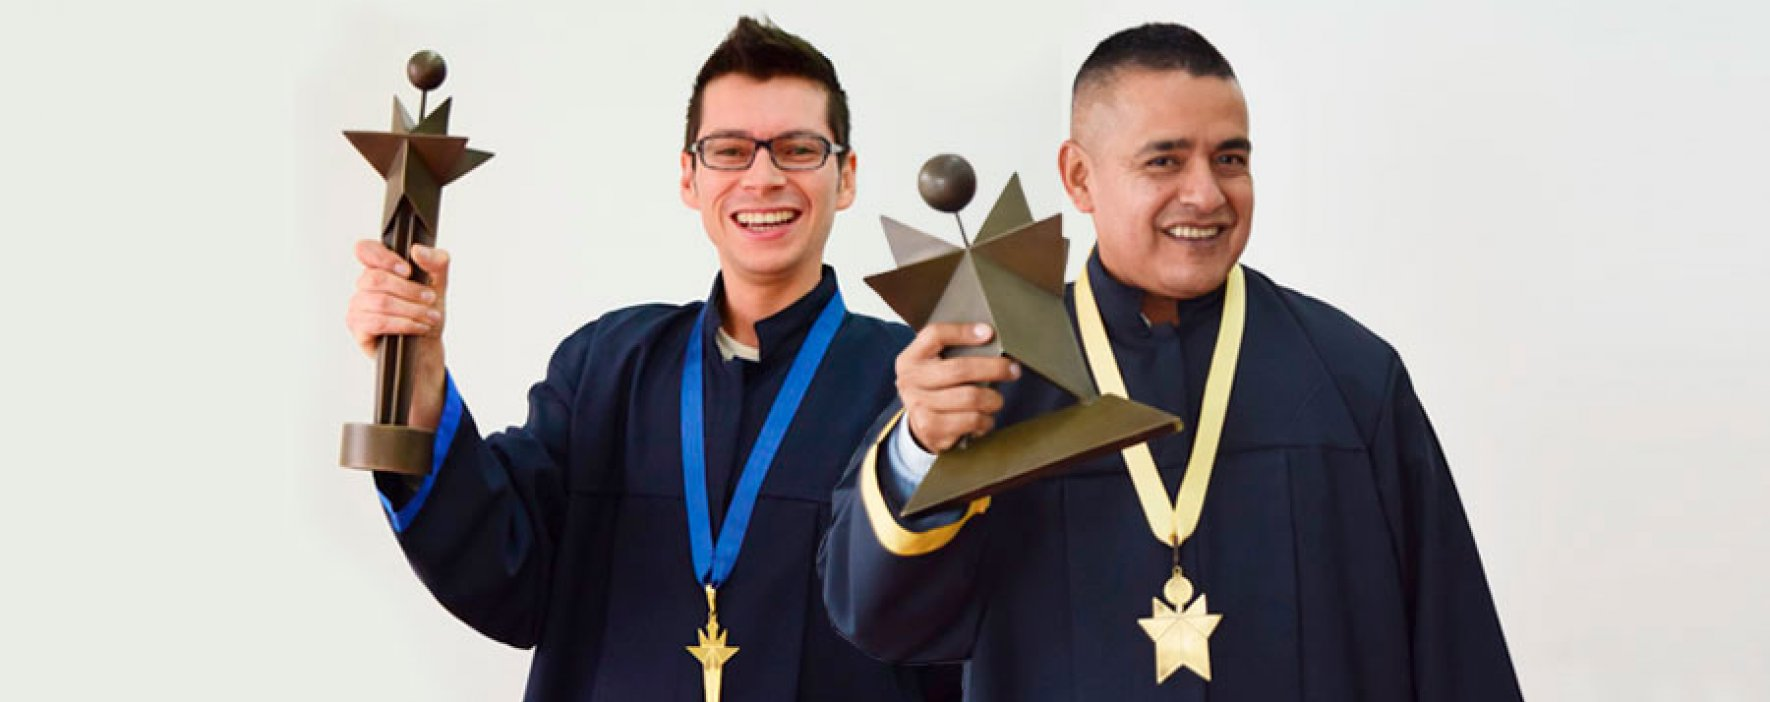 Estos son los ganadores del Premio Compartir 2017